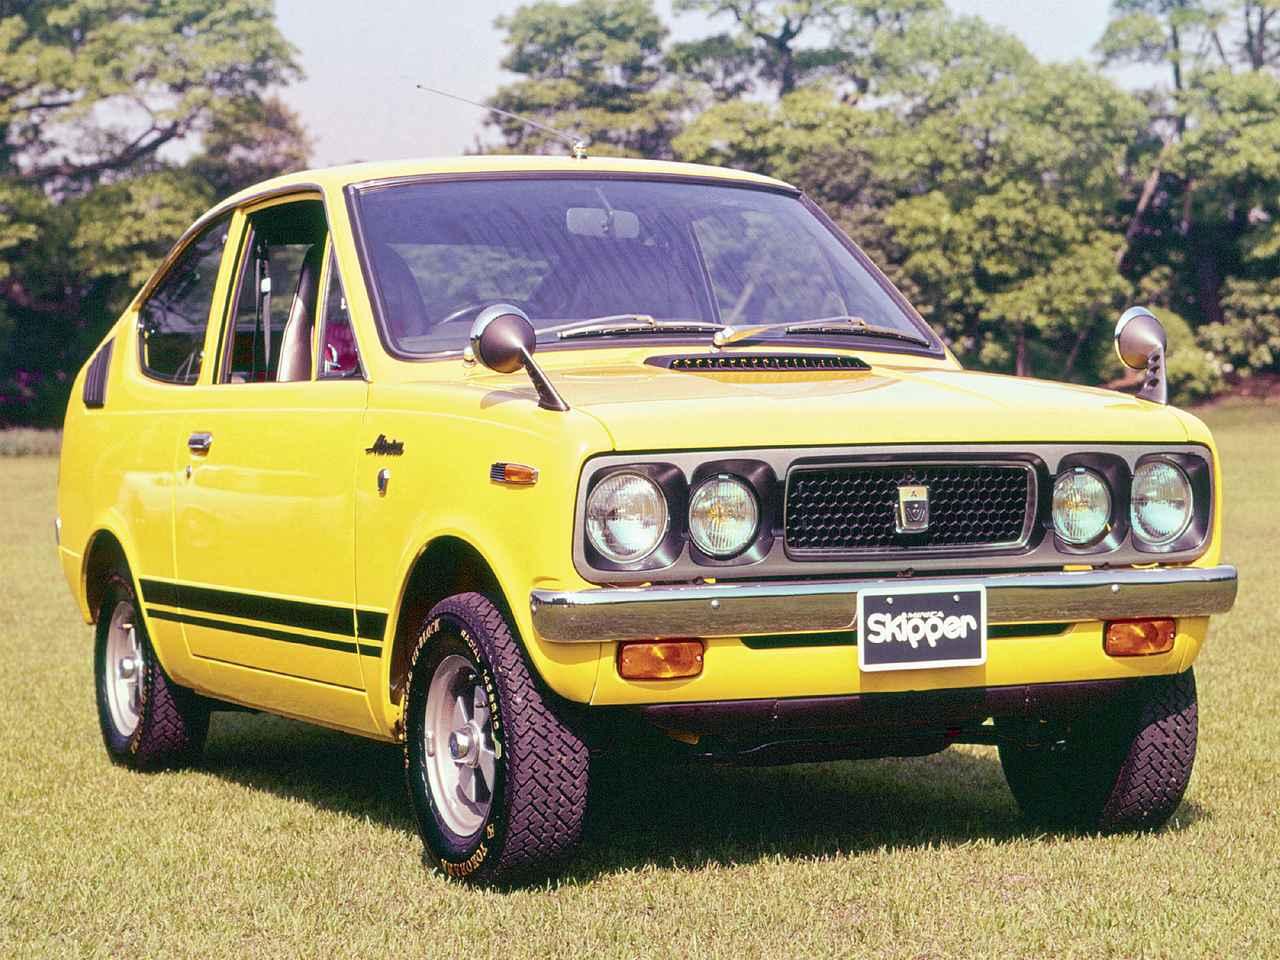 【昭和の名車 36】三菱 ミニカ スキッパー GT(昭和46年:1971年)